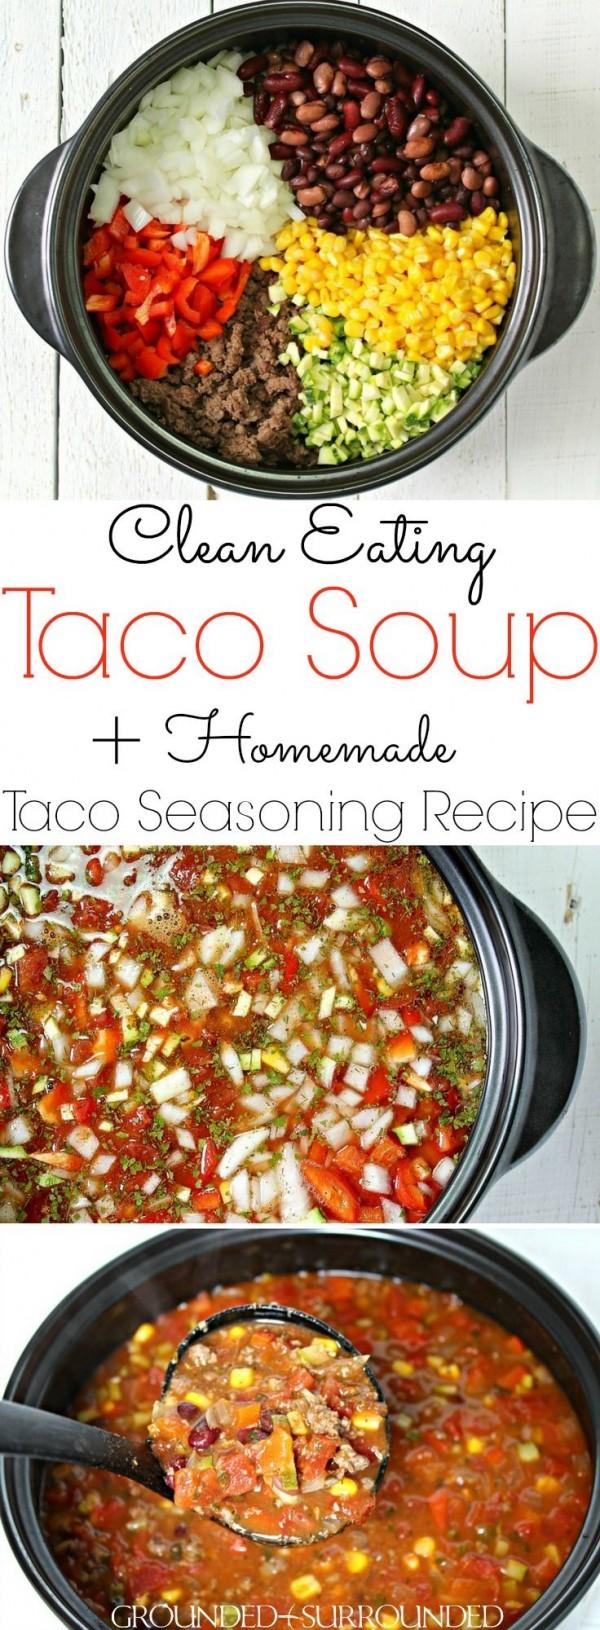 Get the recipe Taco Soup @recipes_to_go